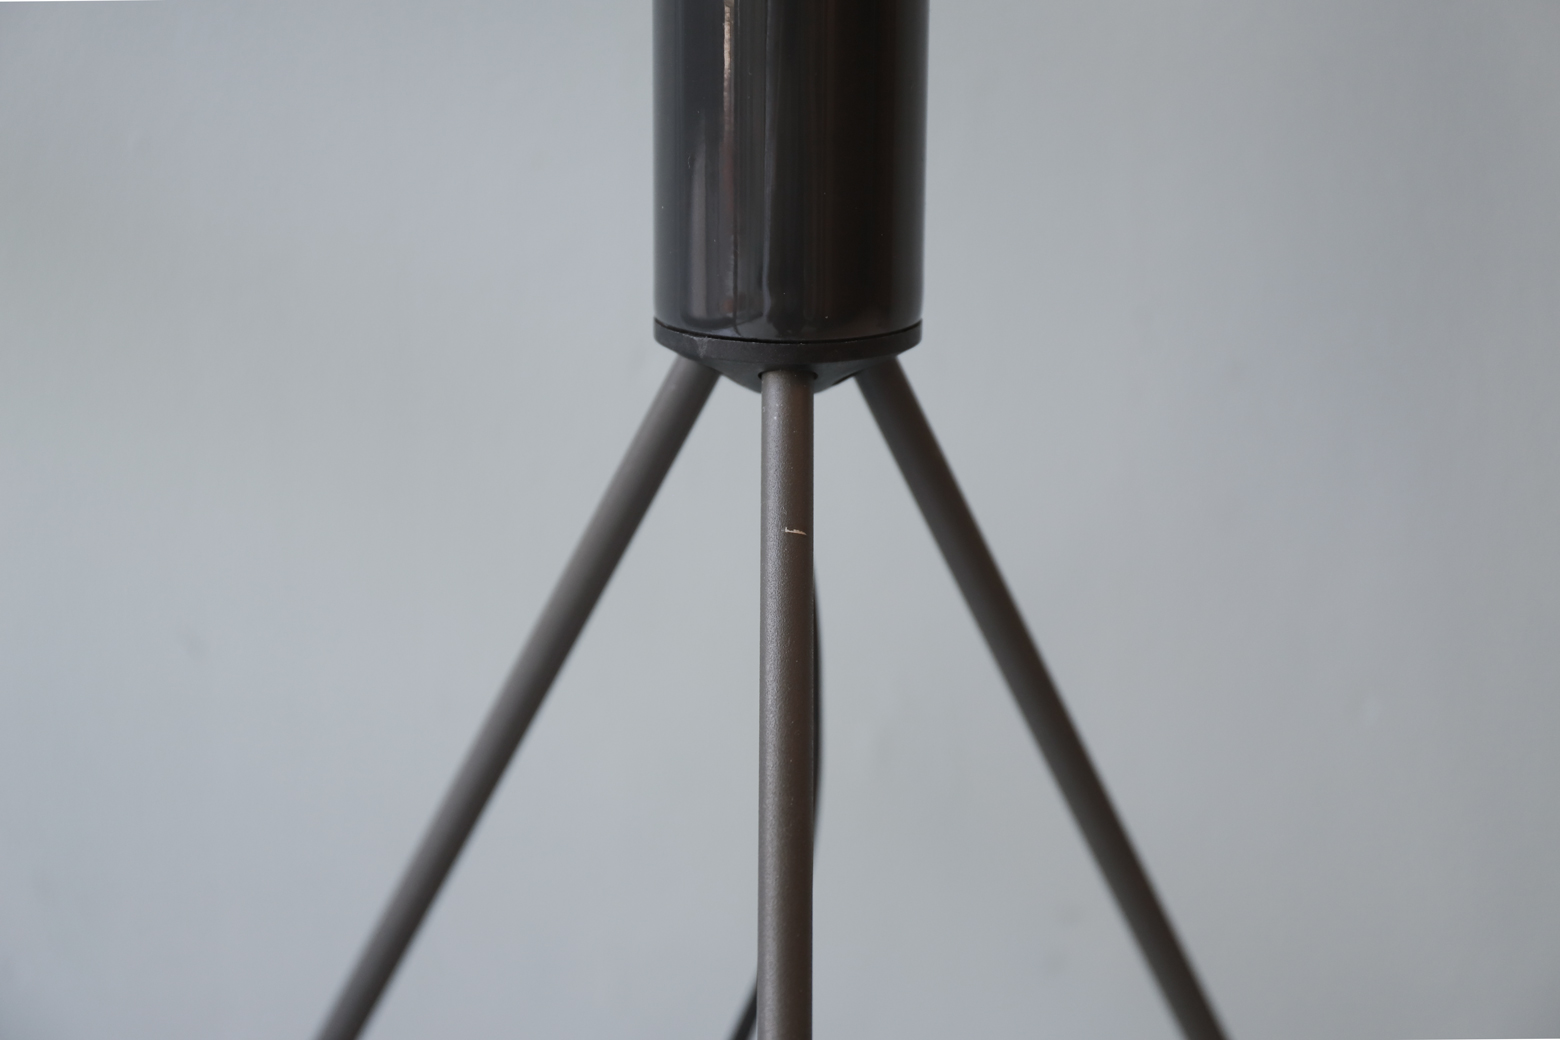 FLOS LUMINATOR Floor Light / フロス ルミナトール フロアライト モダン 1954